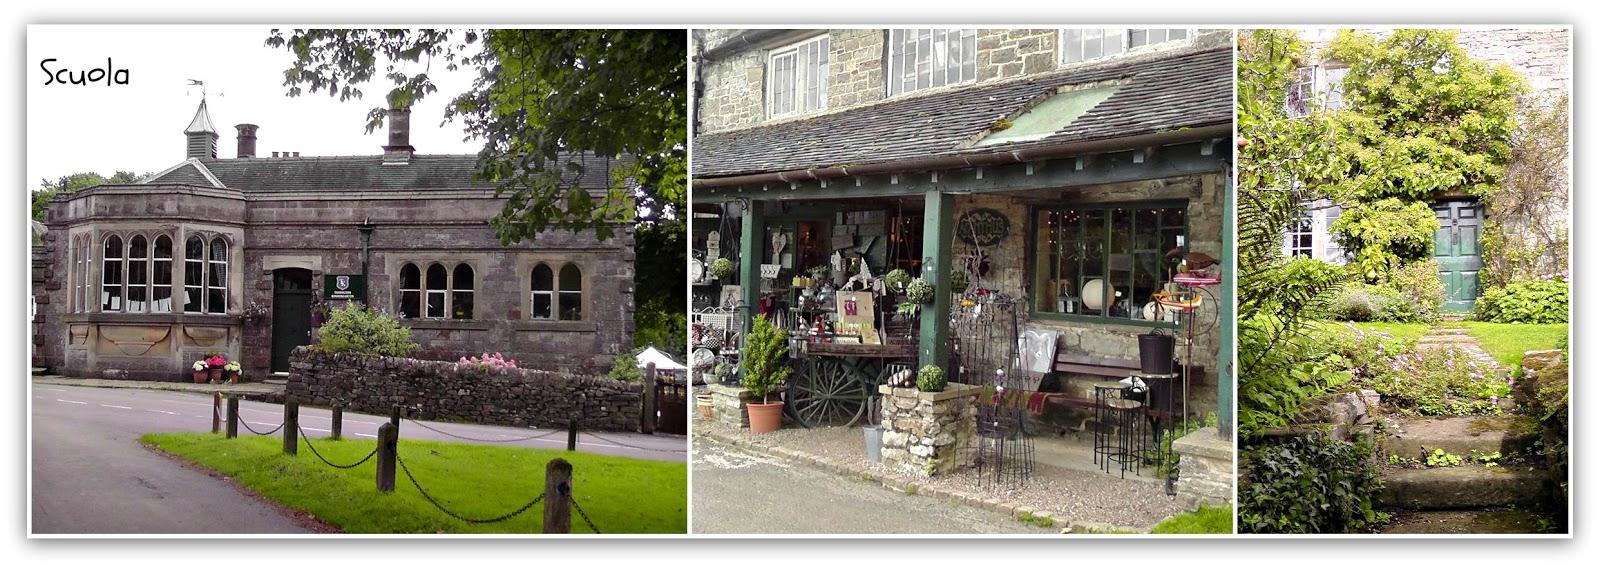 Dietro le cose il piccolo villaggio di tissington for Case alla ricerca di cottage